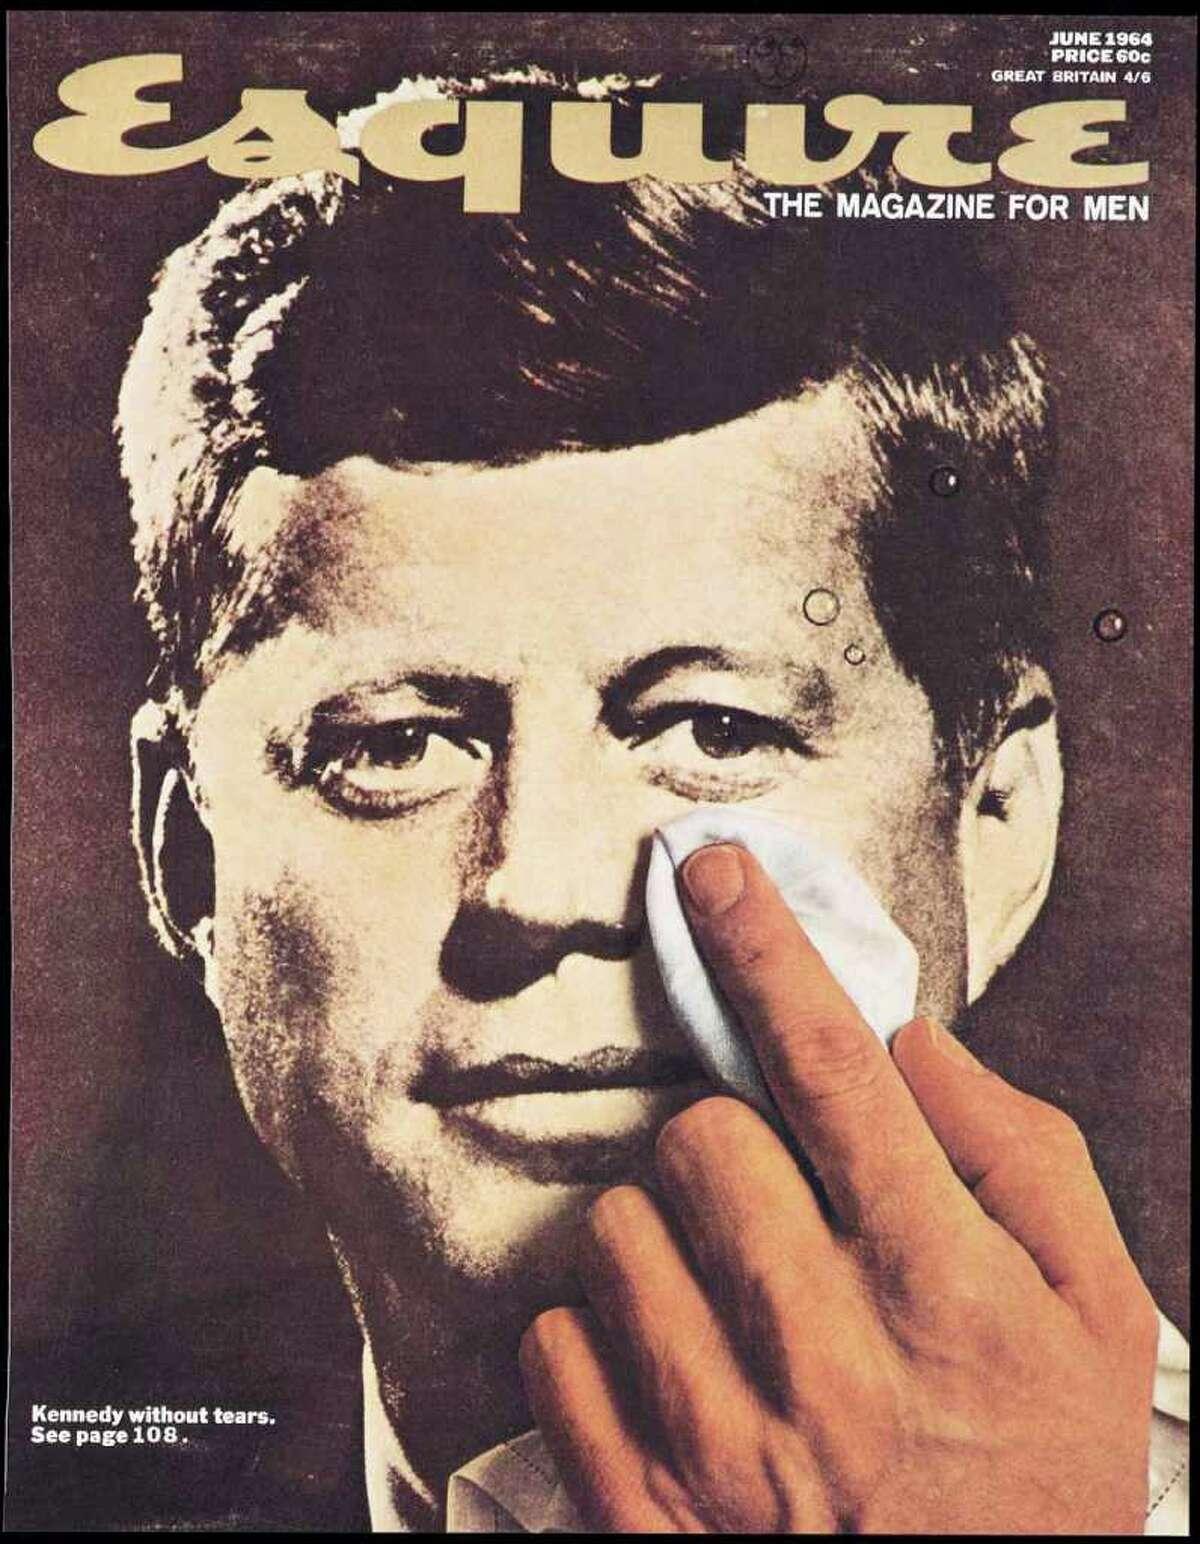 Esquire, June 1964